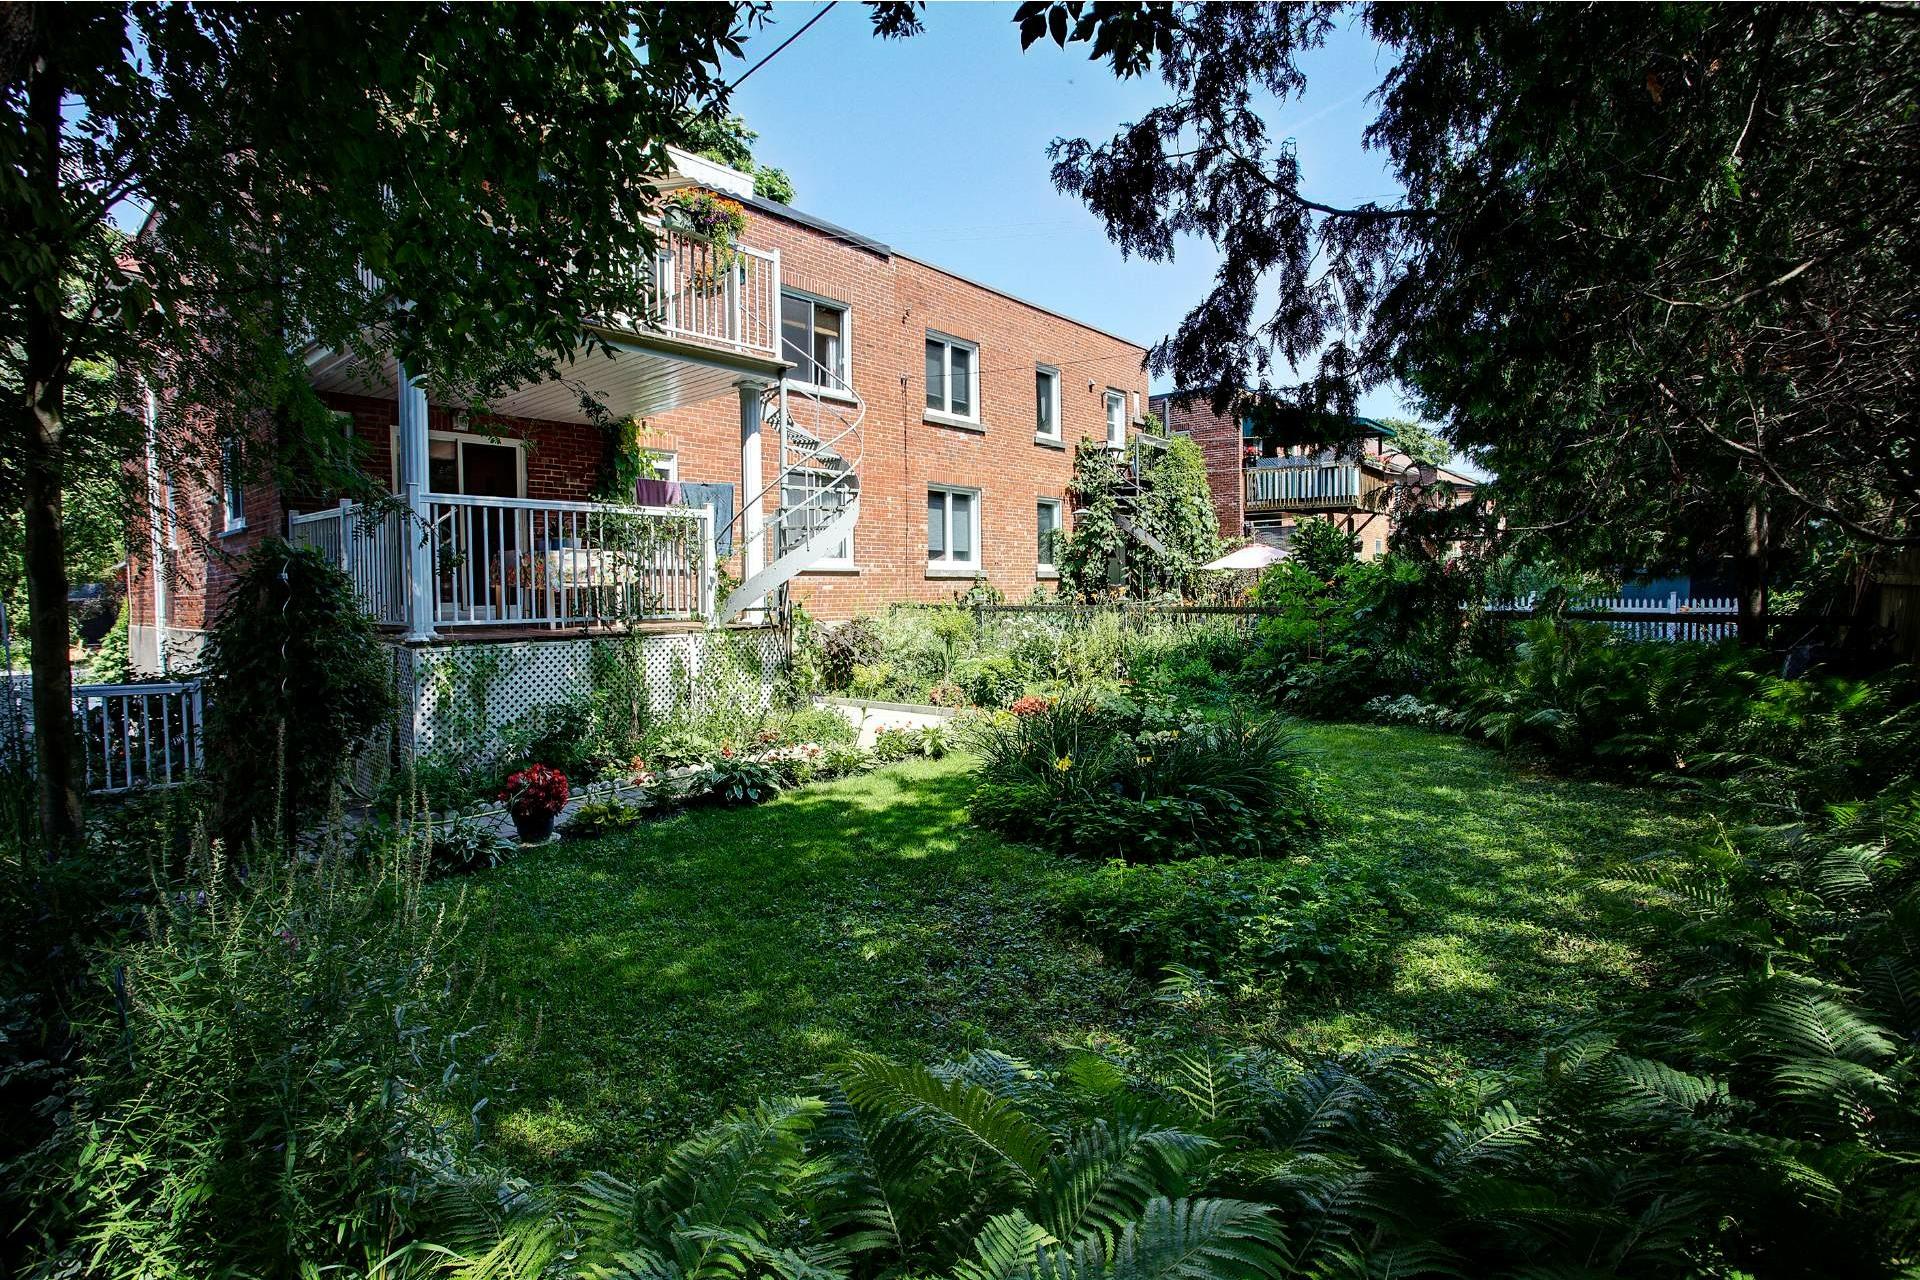 image 13 - Duplex En venta Montréal Côte-des-Neiges/Notre-Dame-de-Grâce  - 5 habitaciones